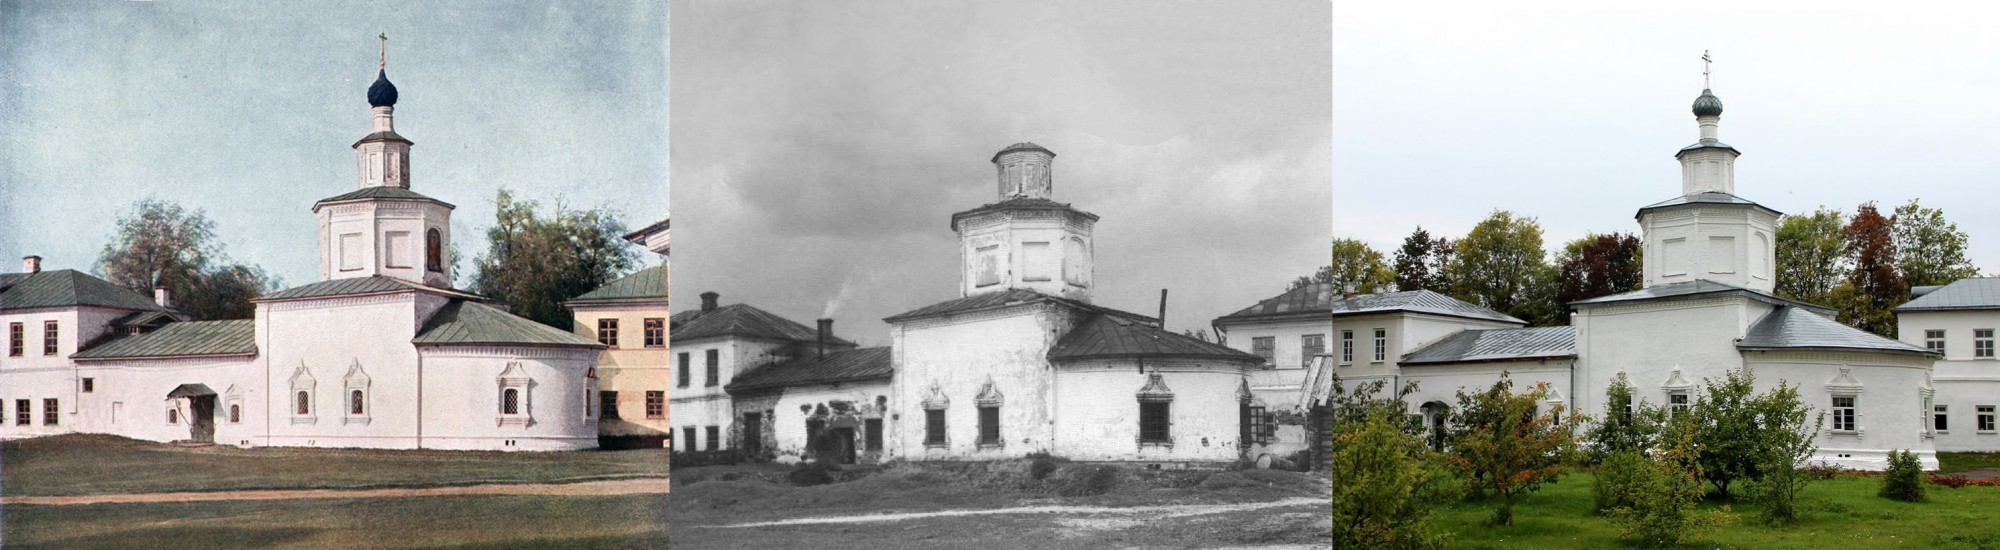 Успенская церковь в Макариево-Унженском монастыре, построенная на месте кельи, в которой по преданию жил царь Михаил Феодорович в 1612 г. 1910-1959-2019